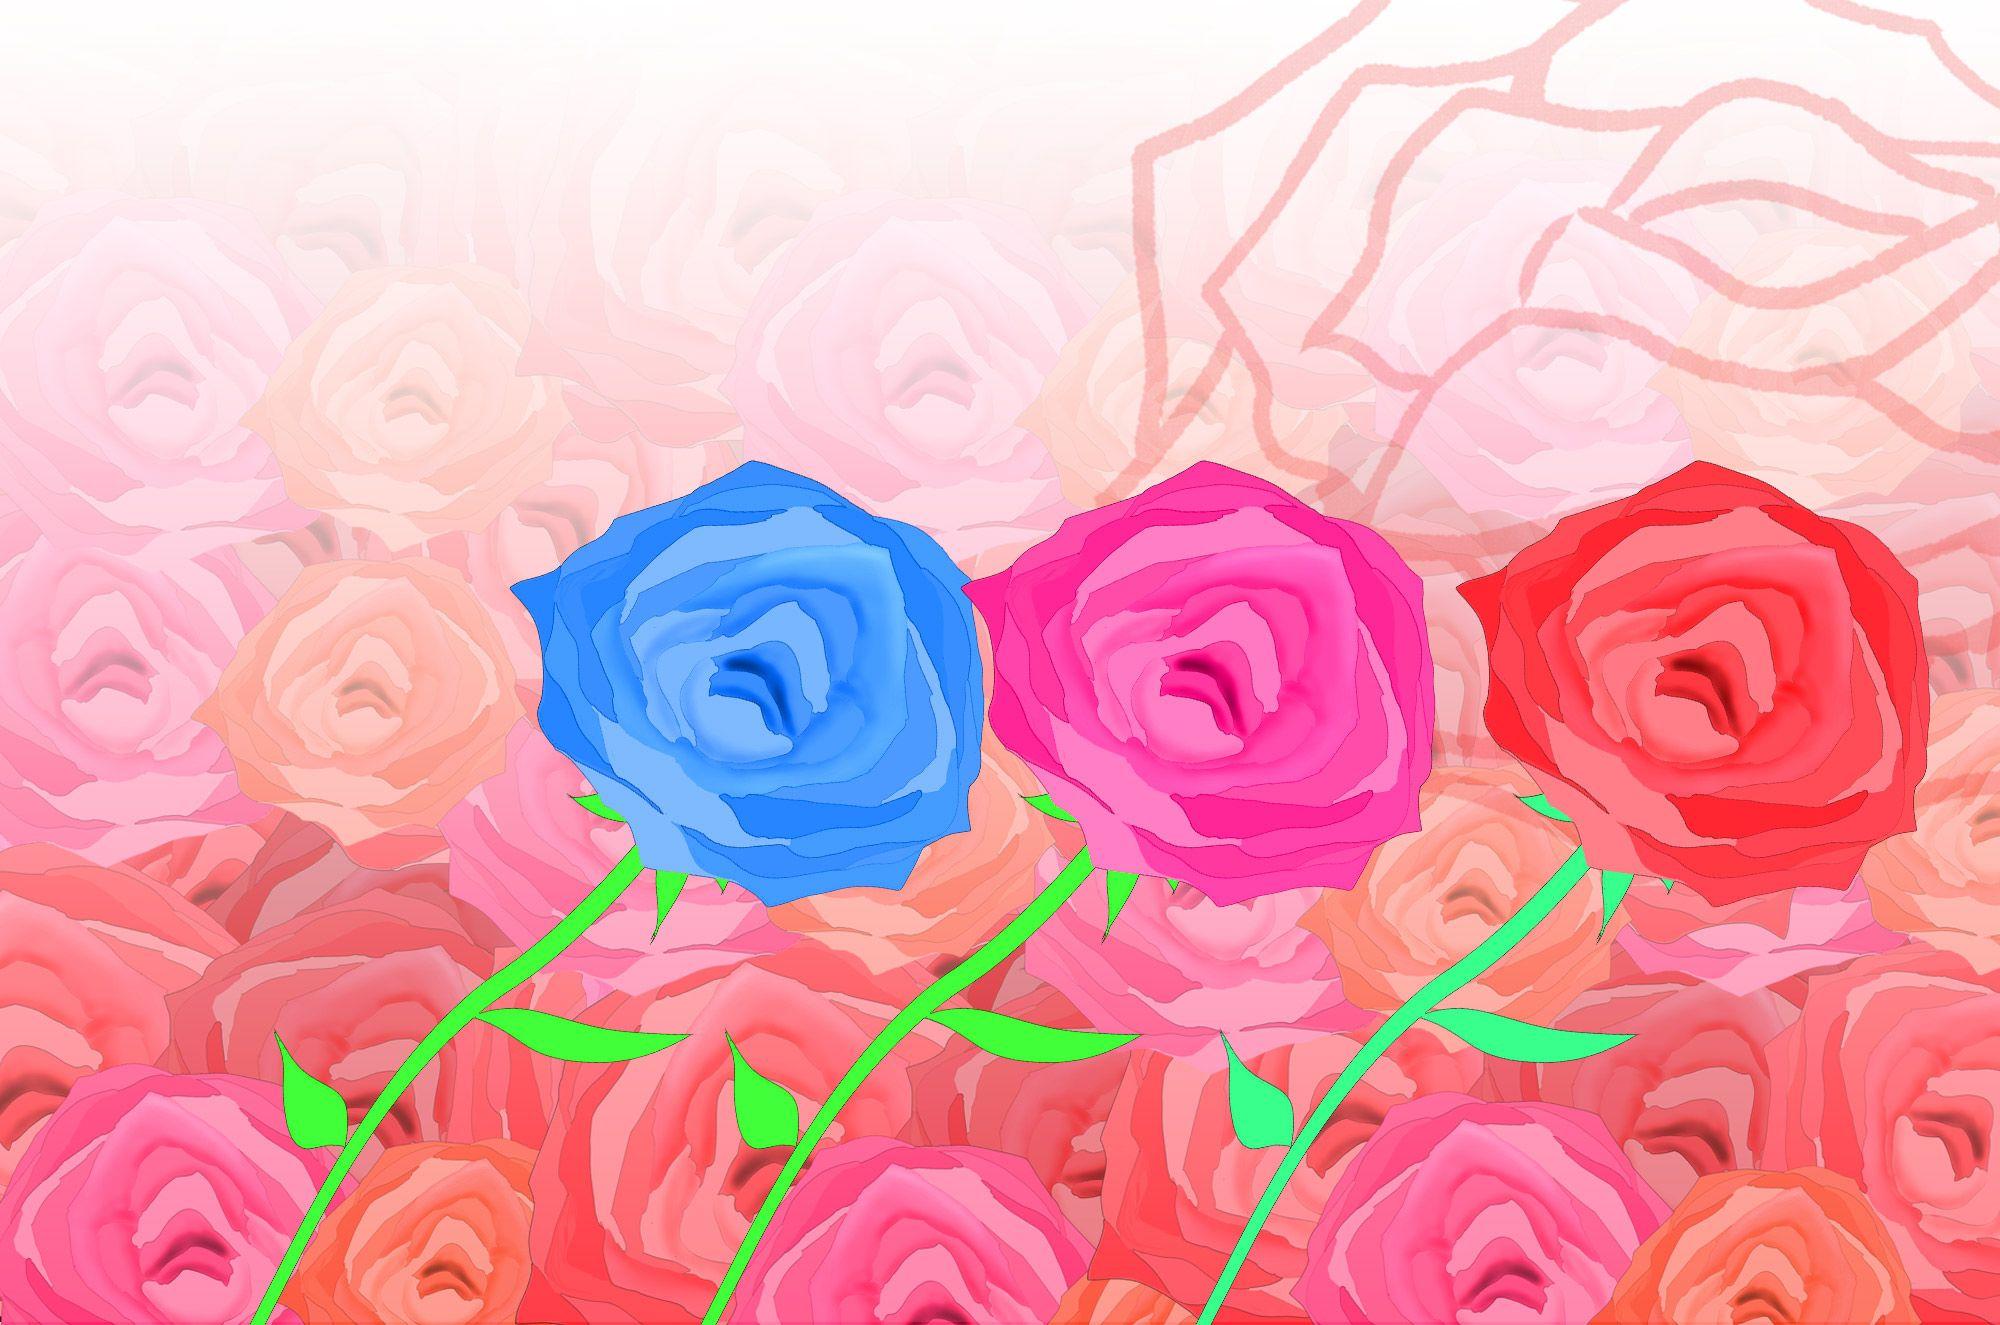 バライラスト 可愛い薔薇とアートな花の無料素材集 チコデザ バラ イラスト イラスト 可愛いイラスト